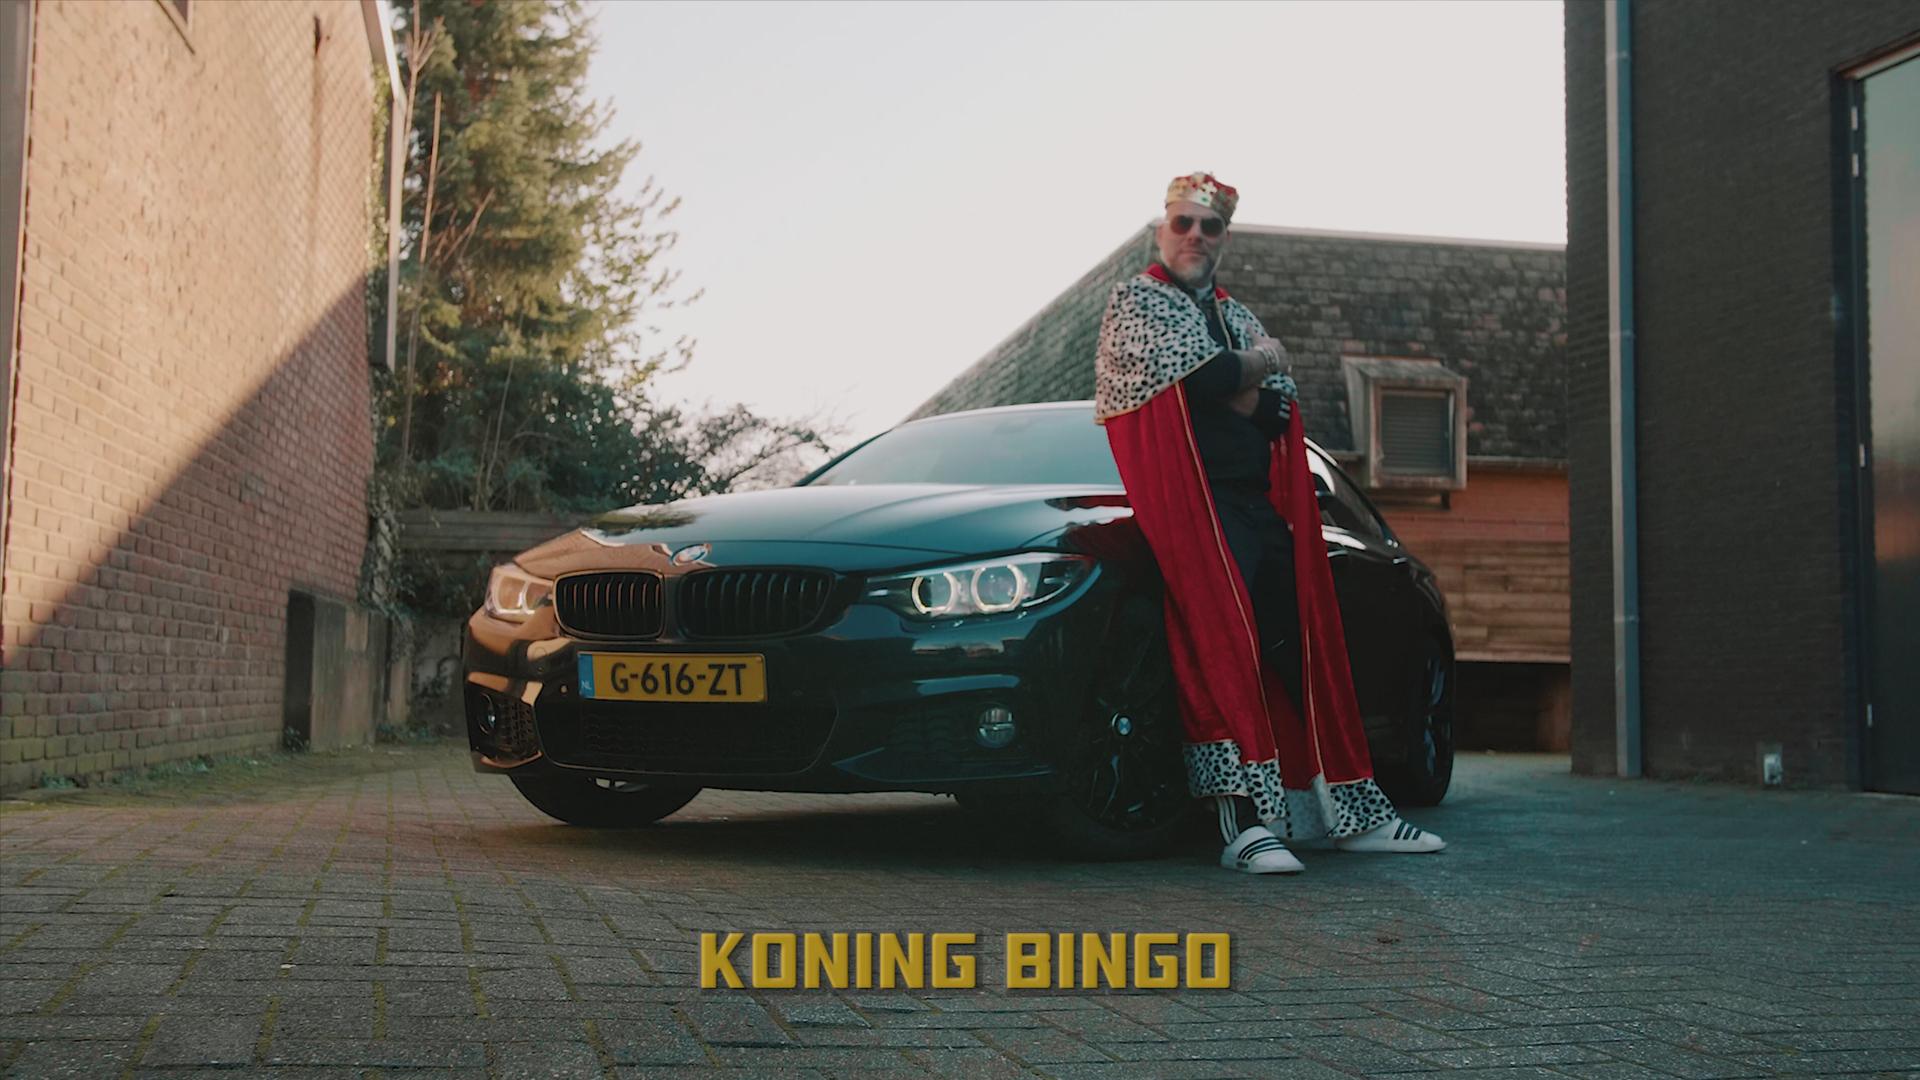 promotievideo gemeente raalte koning bingo oudejaarsbingo